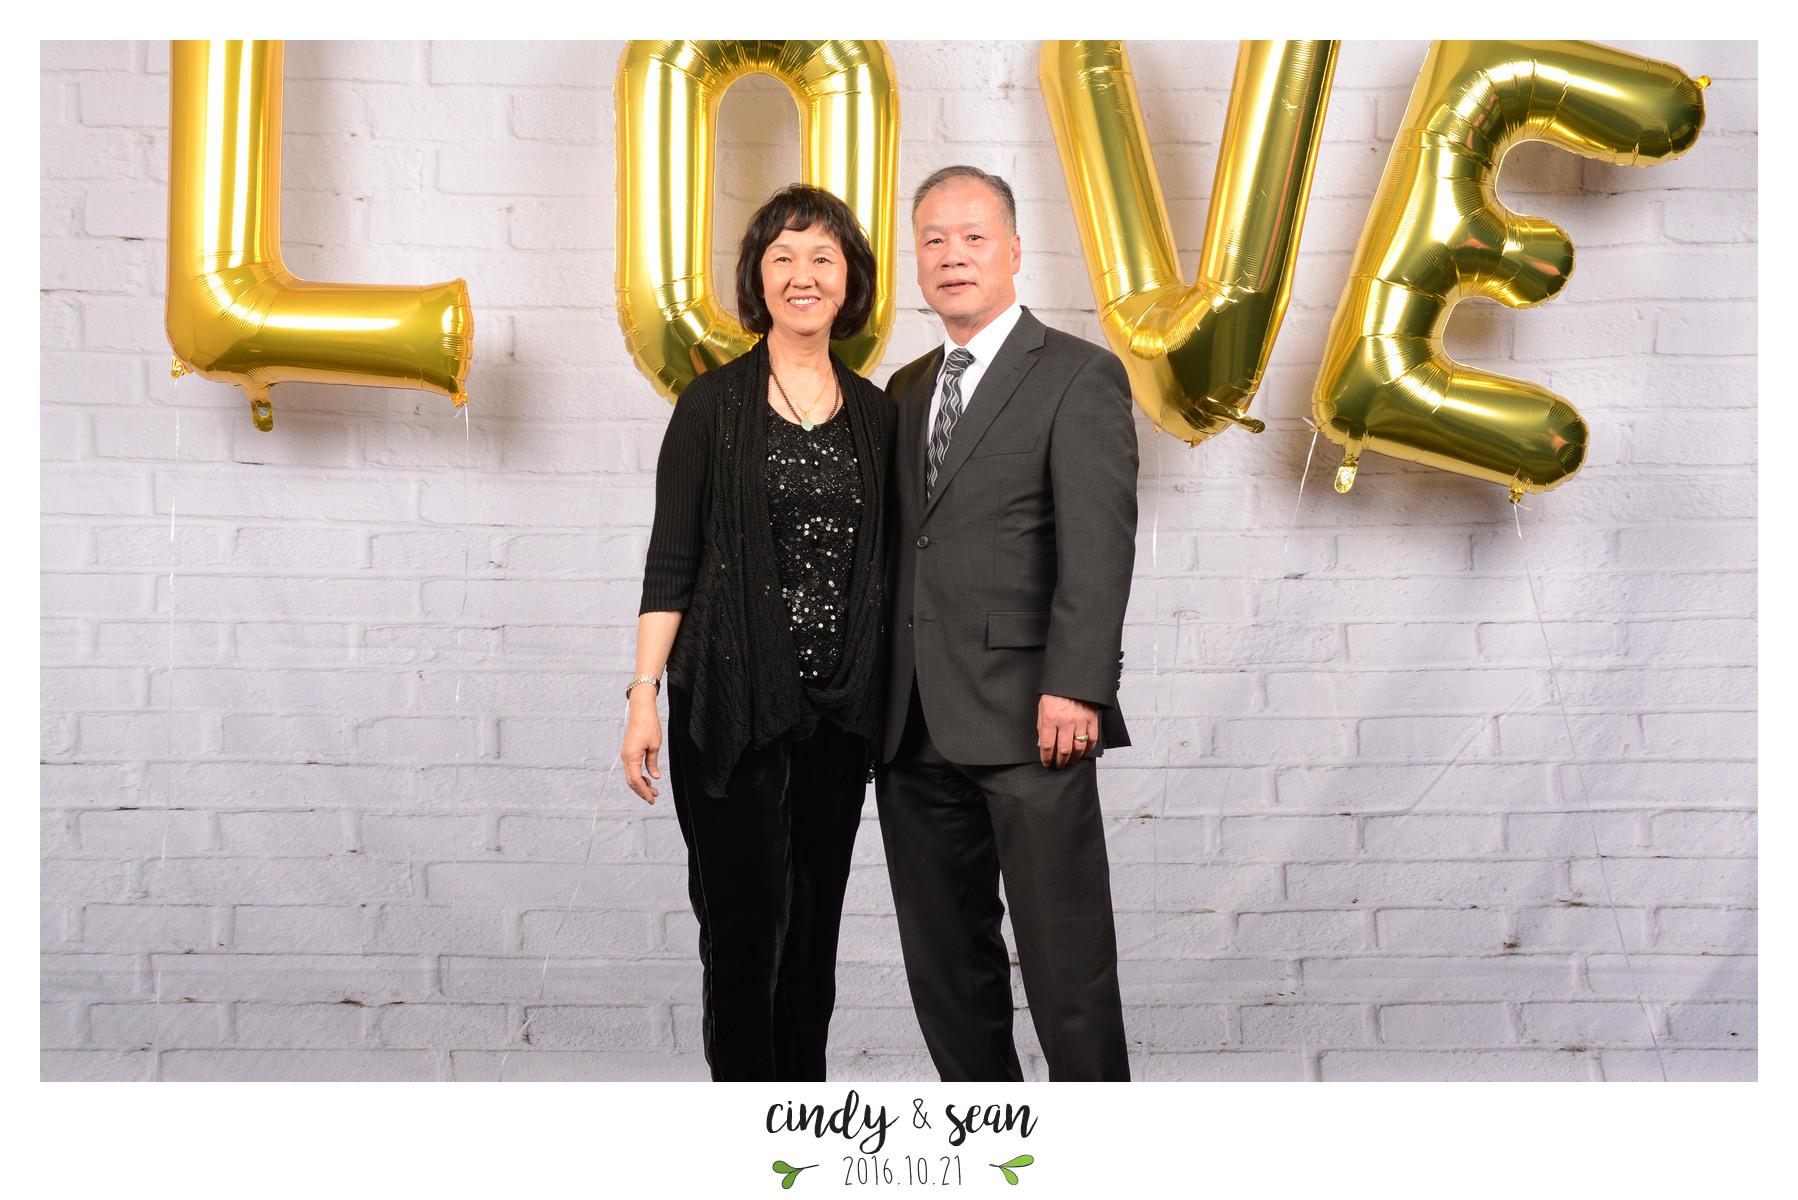 Cindy Sean Bae - 0001-7.jpg